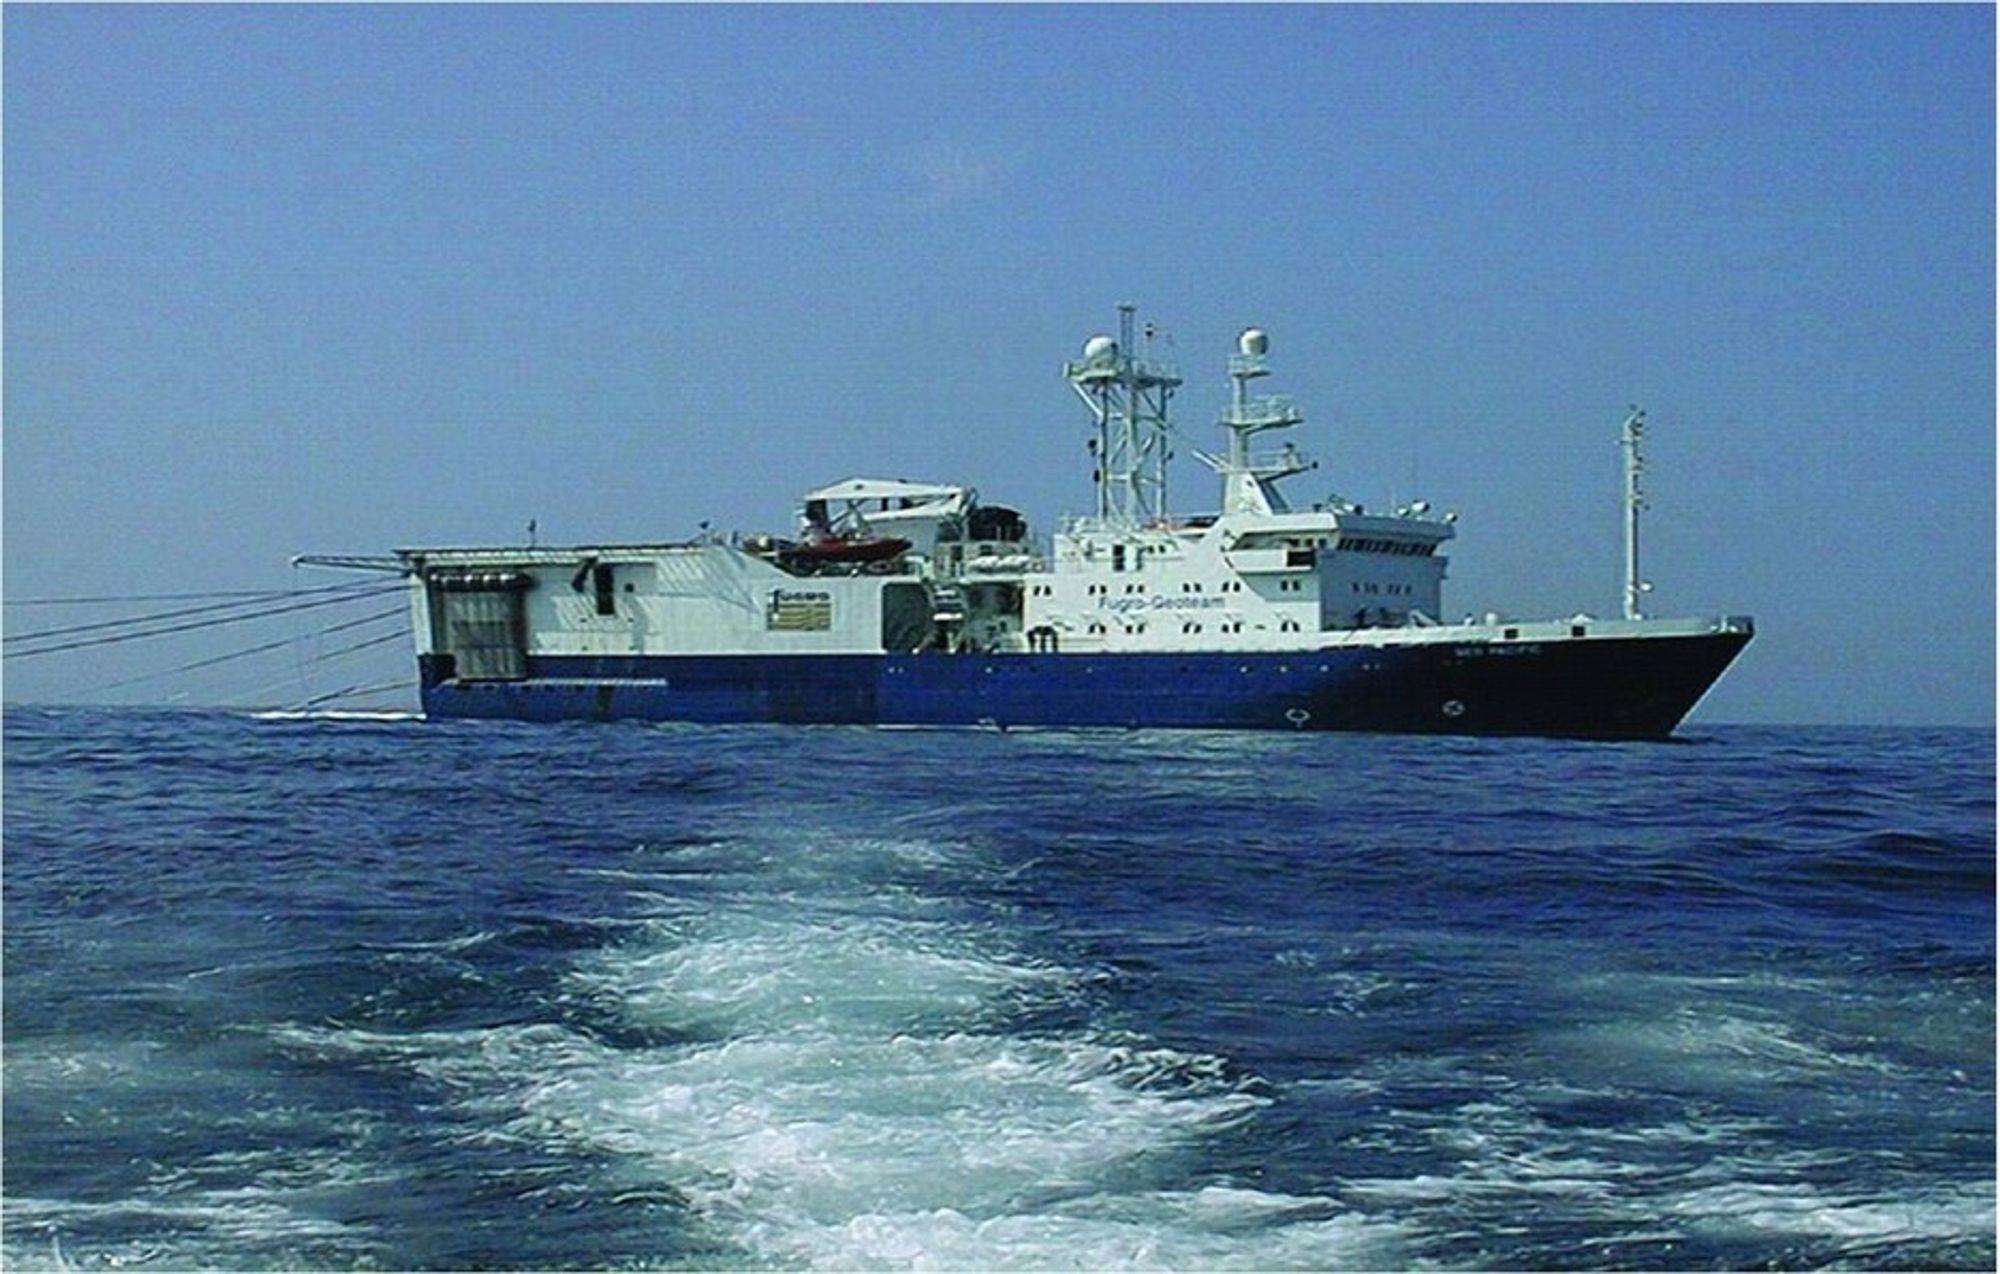 SKYTER: Med flere kilometer lange kabler hengende etter skipet skyter Geo Pacific lydbølger ned i havet og registrerer seismiske data om havbunnen. Nå er innsamlingen i gang, men både Bellona, AUF og fiskere ønsker å stoppe innsamlingen.